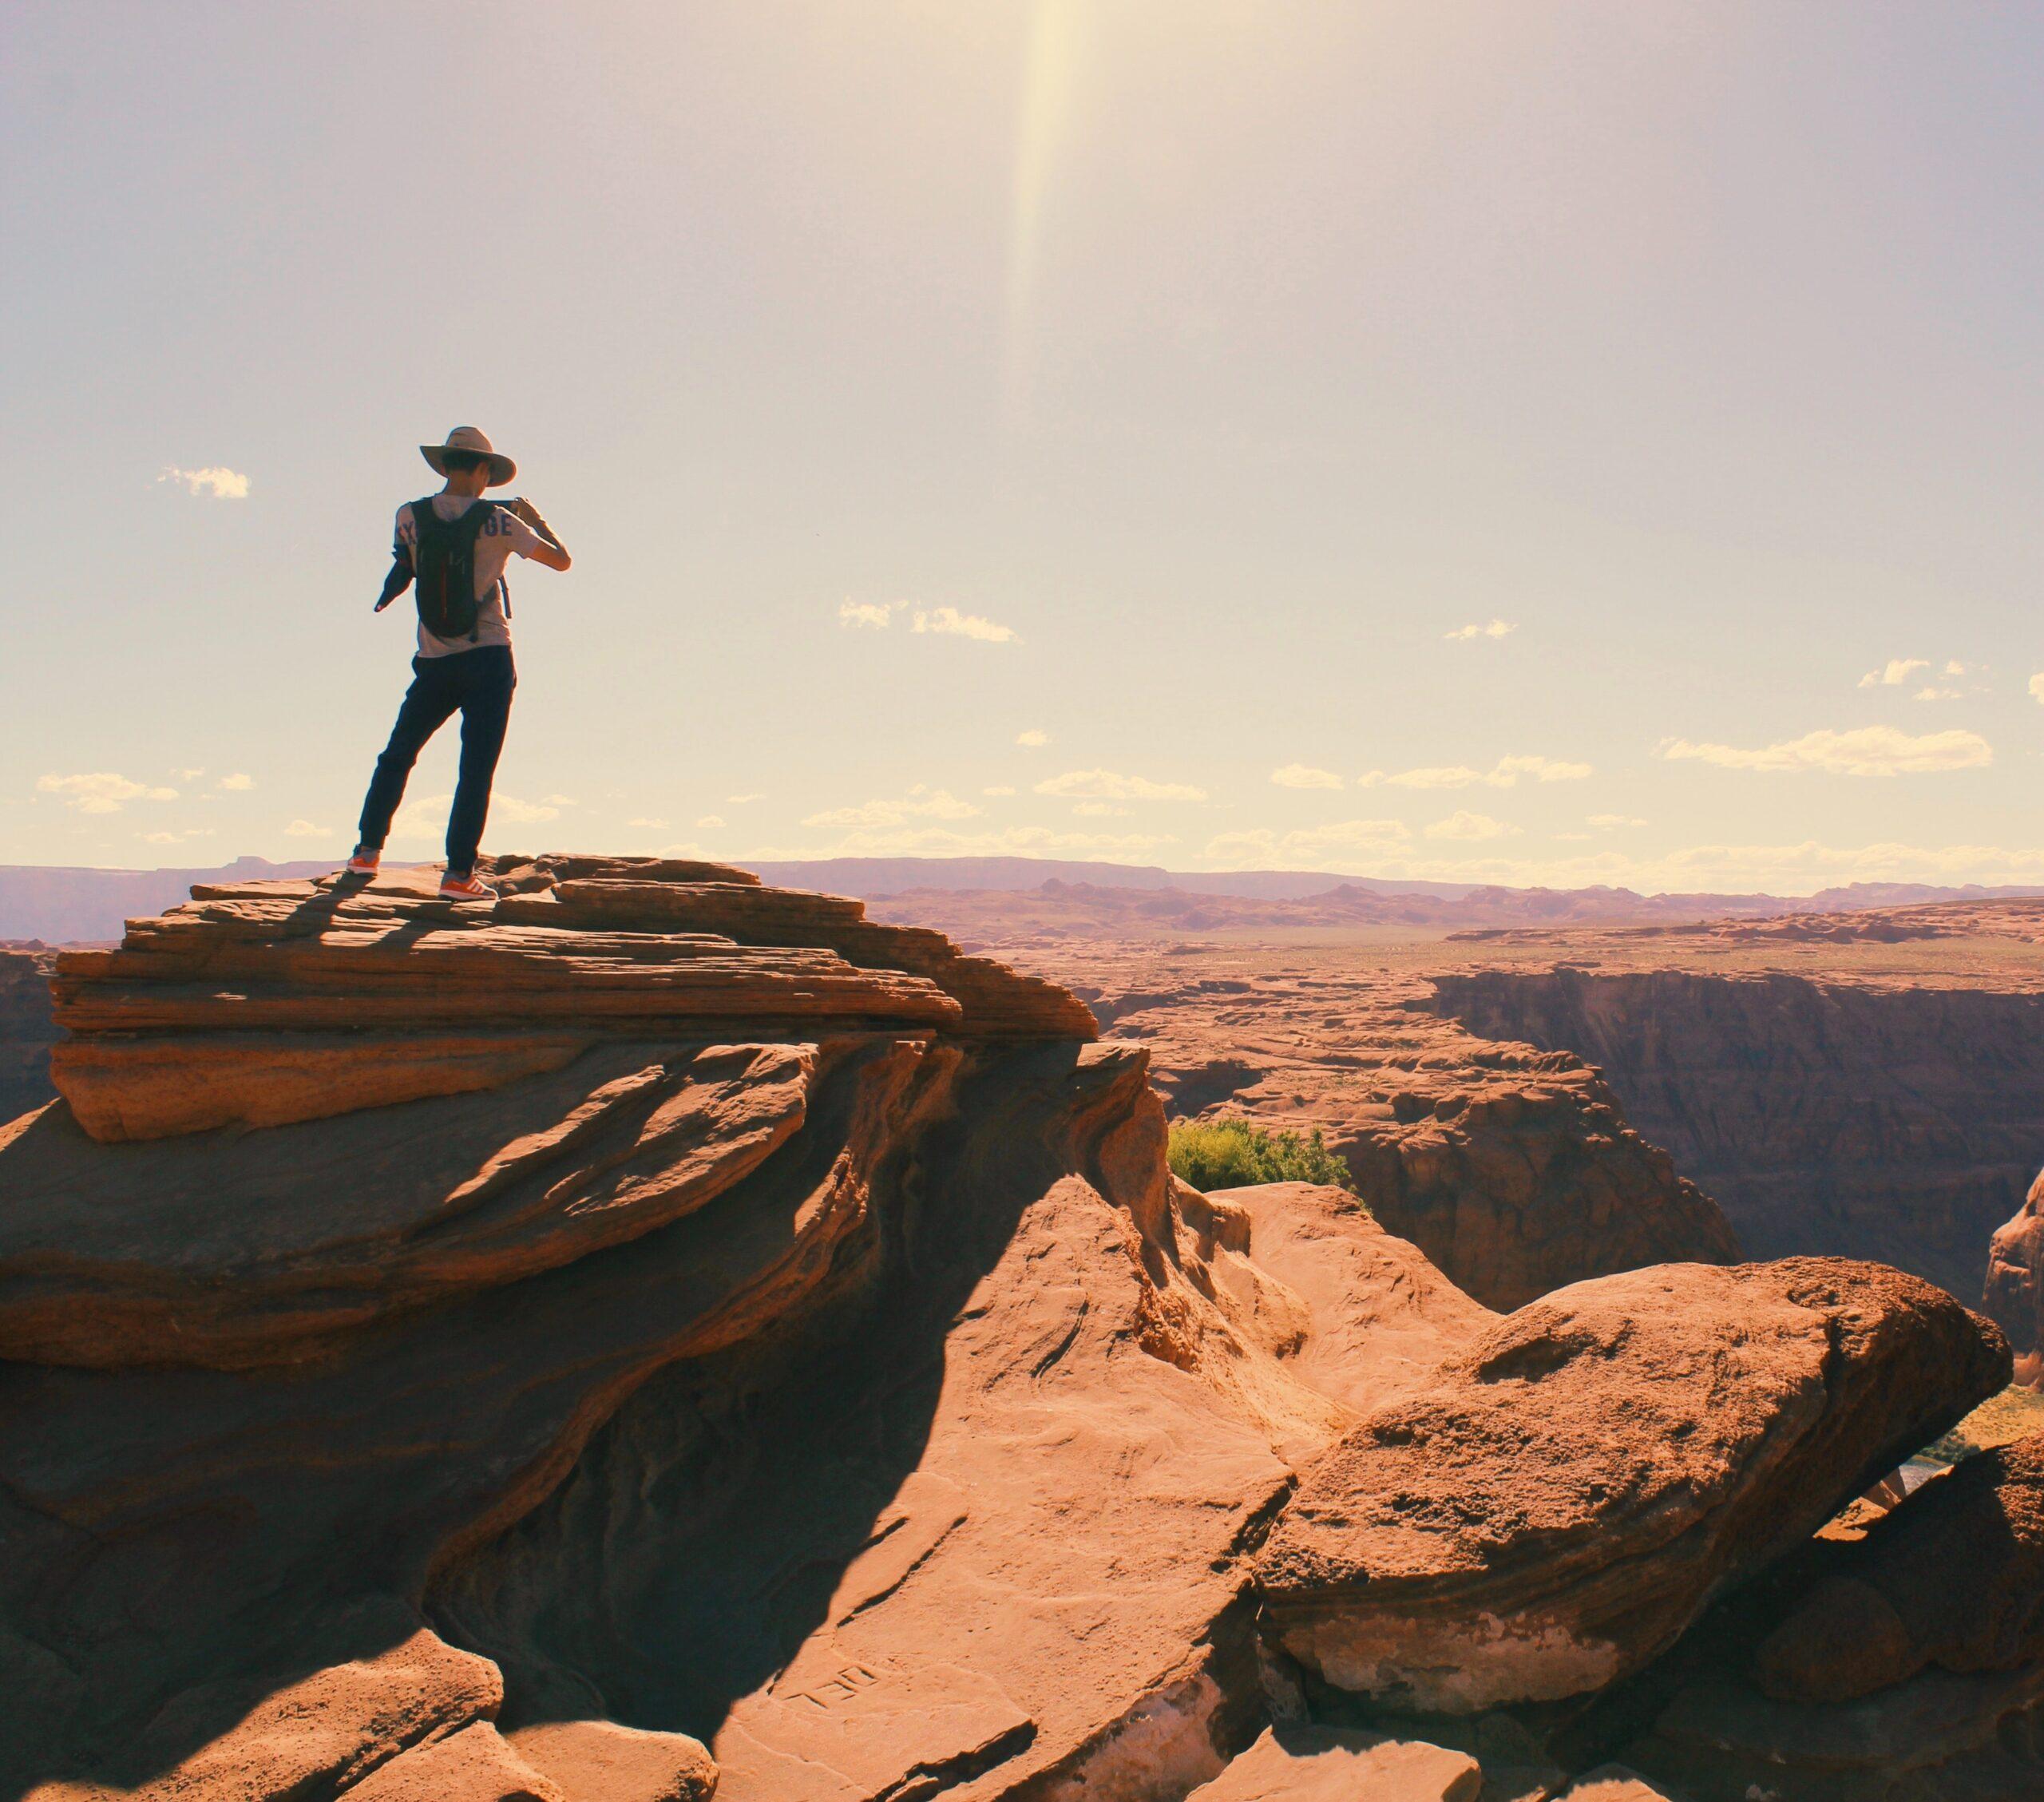 Hombre en cima de montaña, de espaldas, durante día cálido